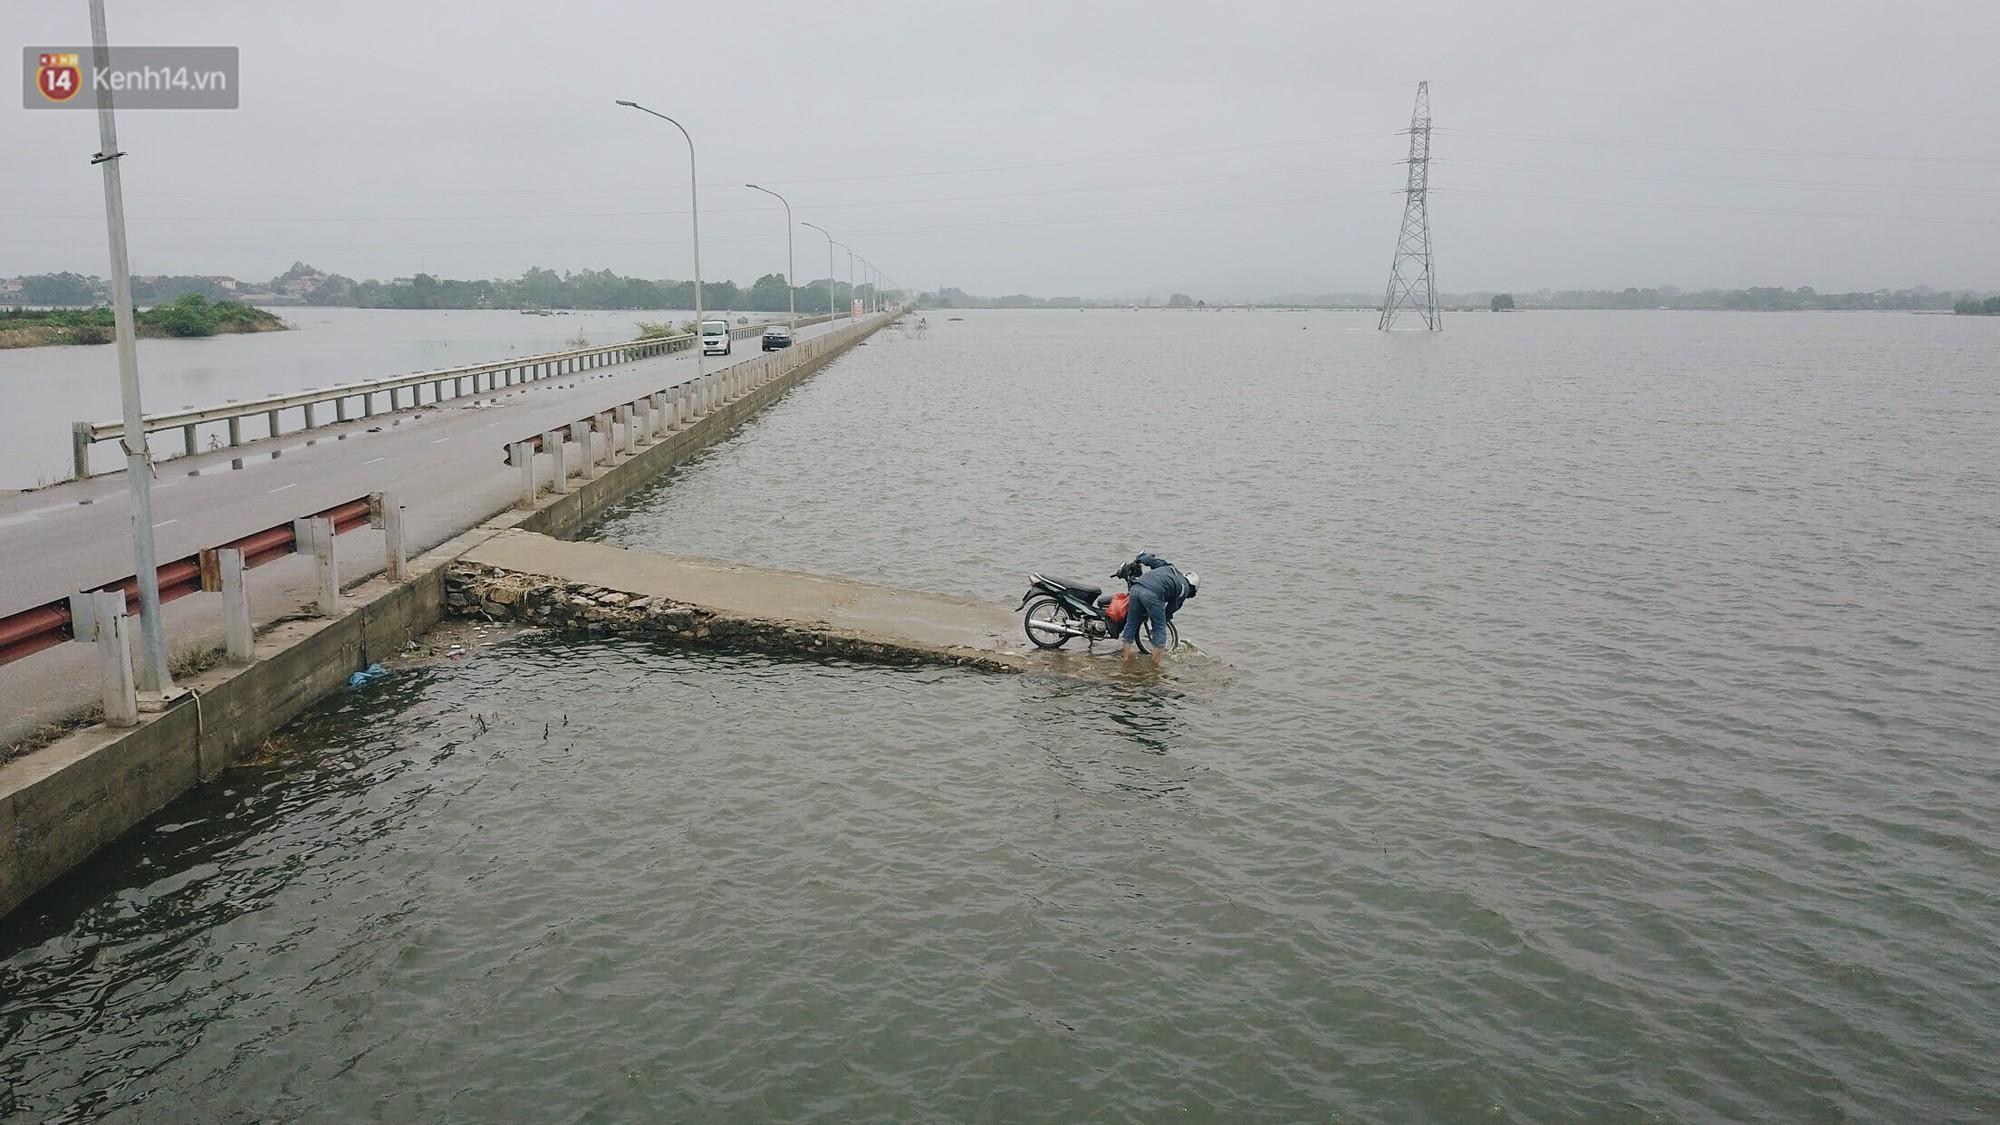 Con đường tỉnh lộ nơi hàng trăm người bơi lội ở Hà Nội sau nửa tháng chìm trong biển nước đã thông xe trở lại - Ảnh 11.